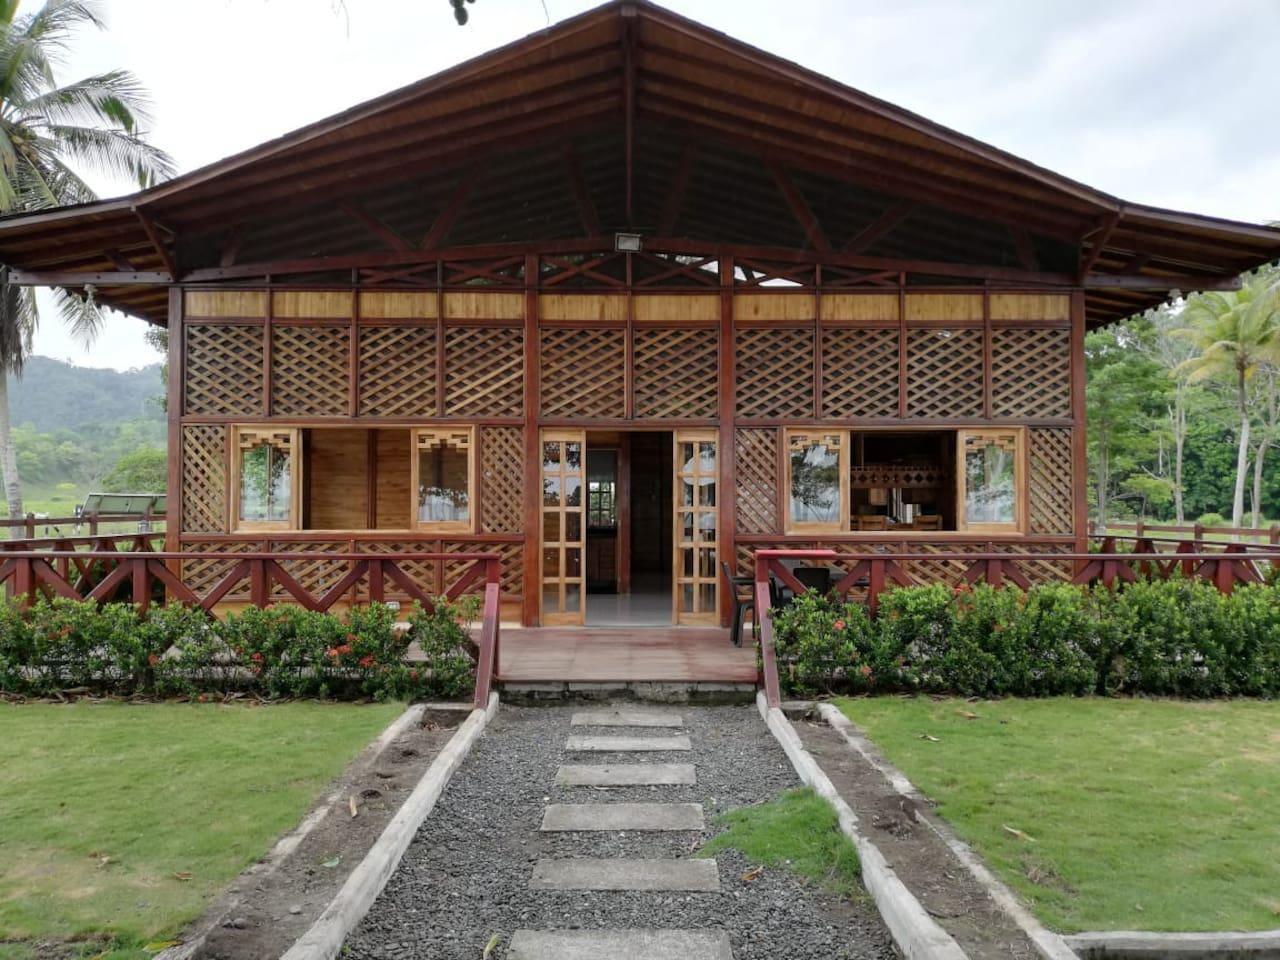 Cabaña tropical frente al mar en un lugar paradisíaco donde podrás disfrutar de la fauna, flora y biodiversidad del Chocó. Nos encontramos a 40 minutos de Turbo o Necoclí en lancha.